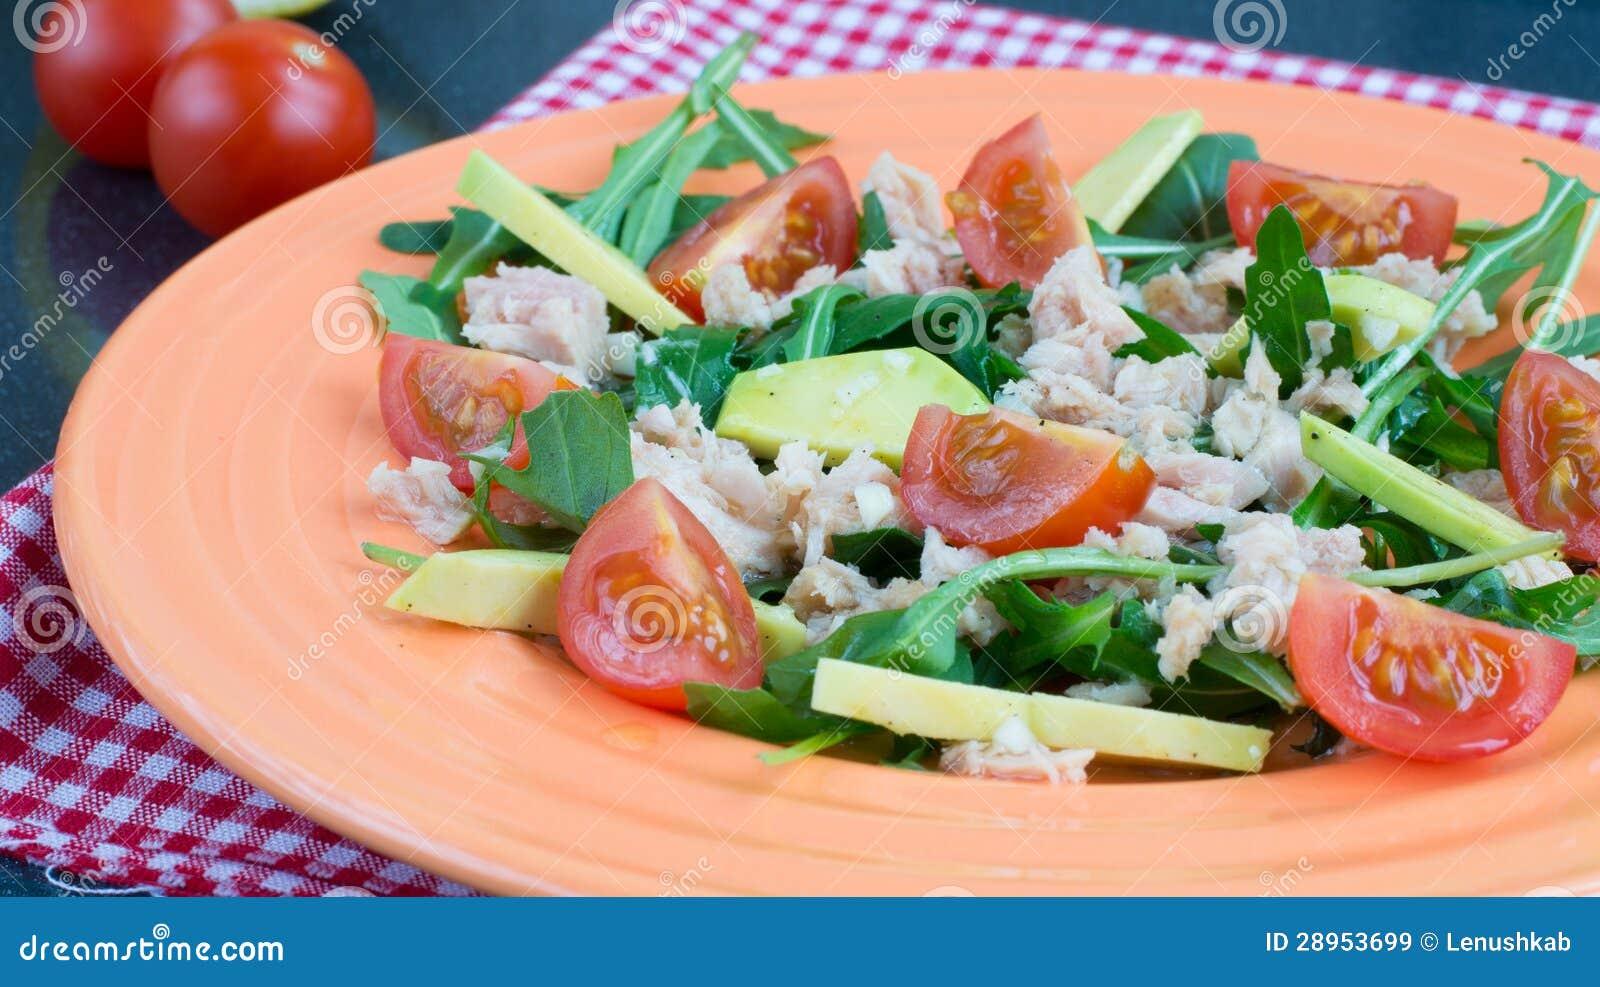 Sałatka z pomidorami, tuńczykiem i avocado cheryy,